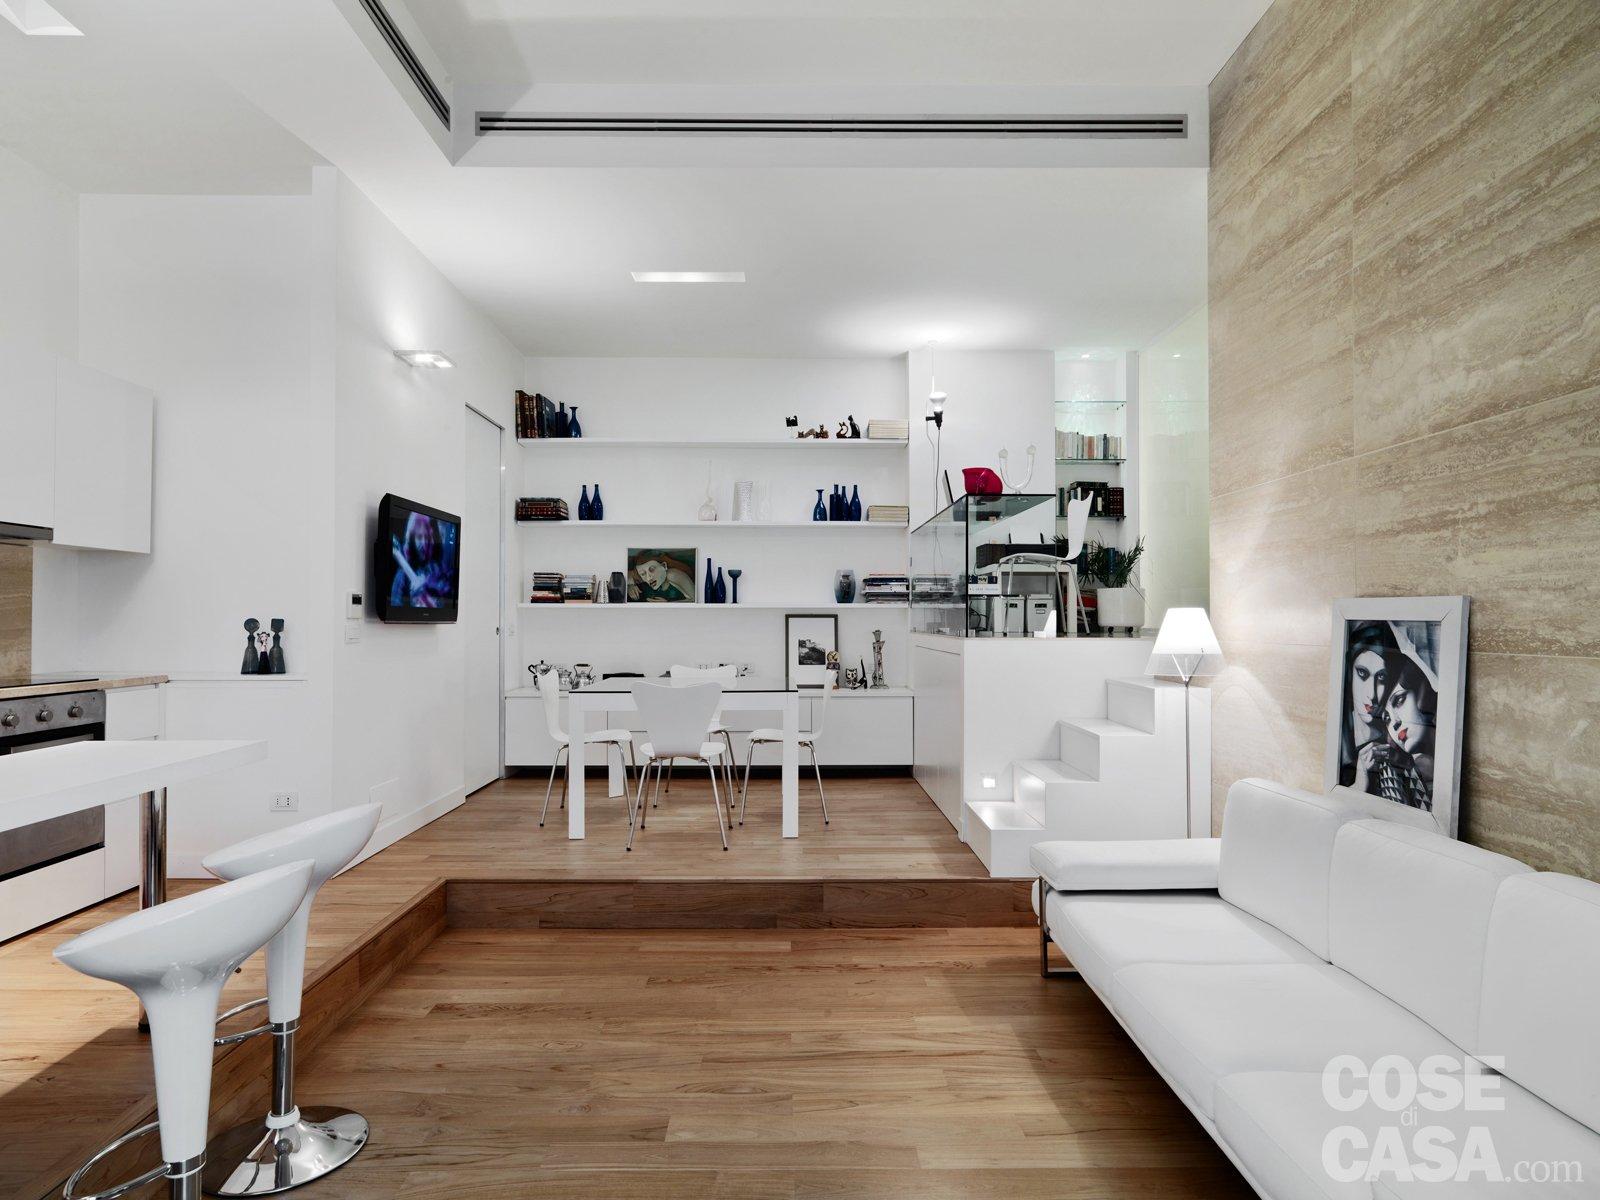 58 mq una casa sviluppata su pi livelli cose di casa for Lo space senza pareti